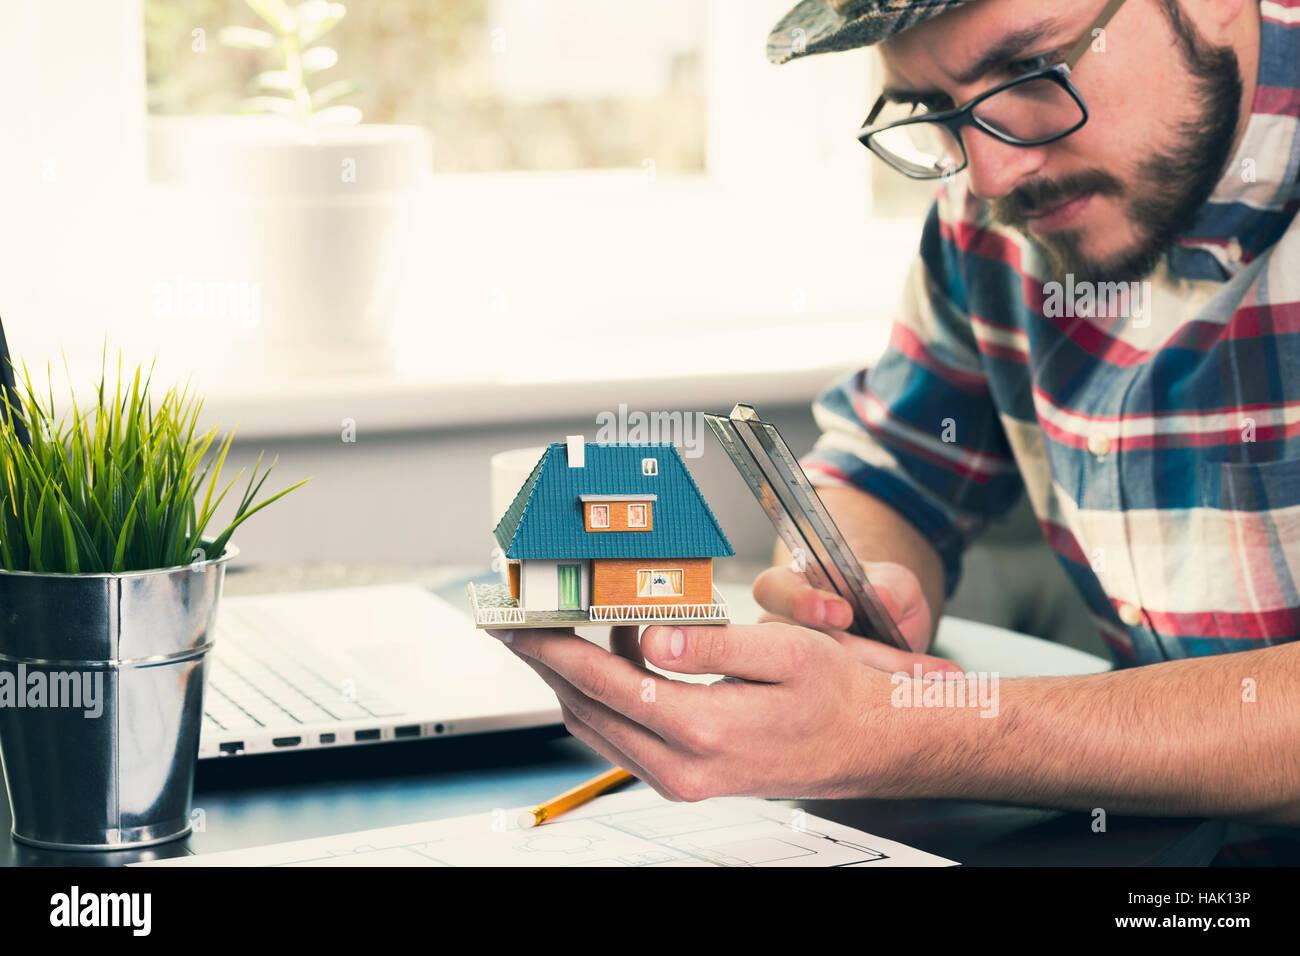 Arquitecto, ingeniero de la construcción tomando mediciones de casa nueva en la oficina de proyectos Imagen De Stock